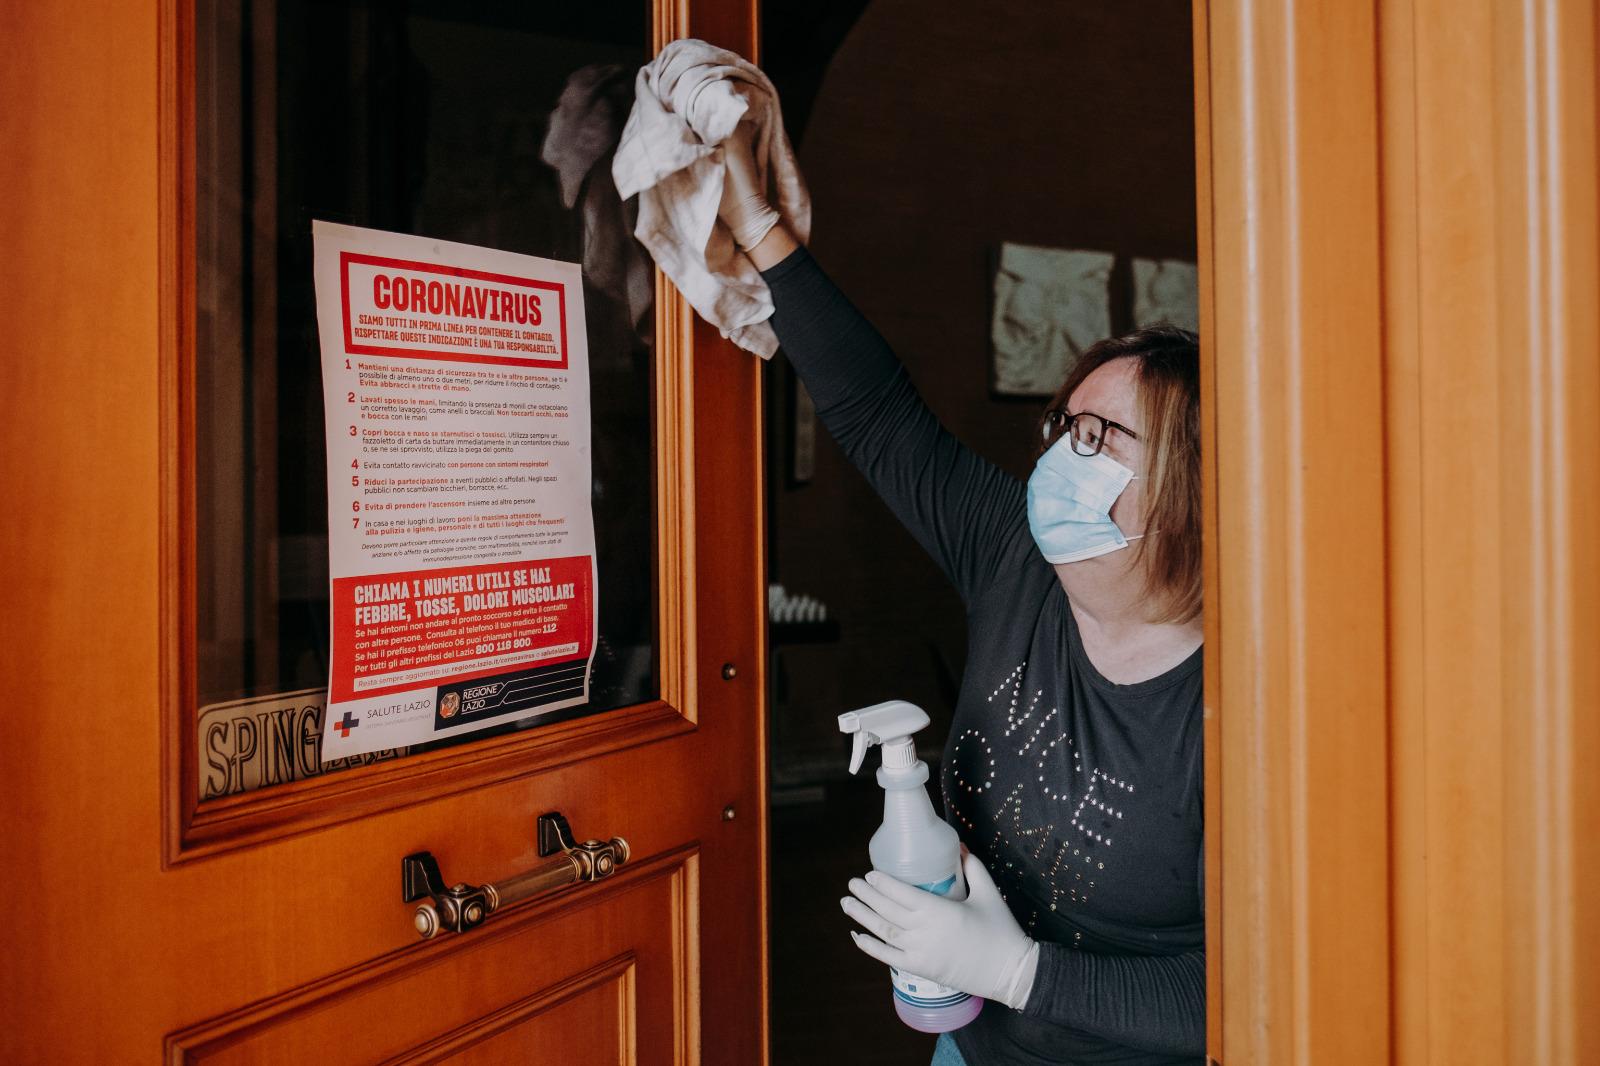 FASE 2 - Al via l'igienizzazione, le Chiese si preparano alla riapertura